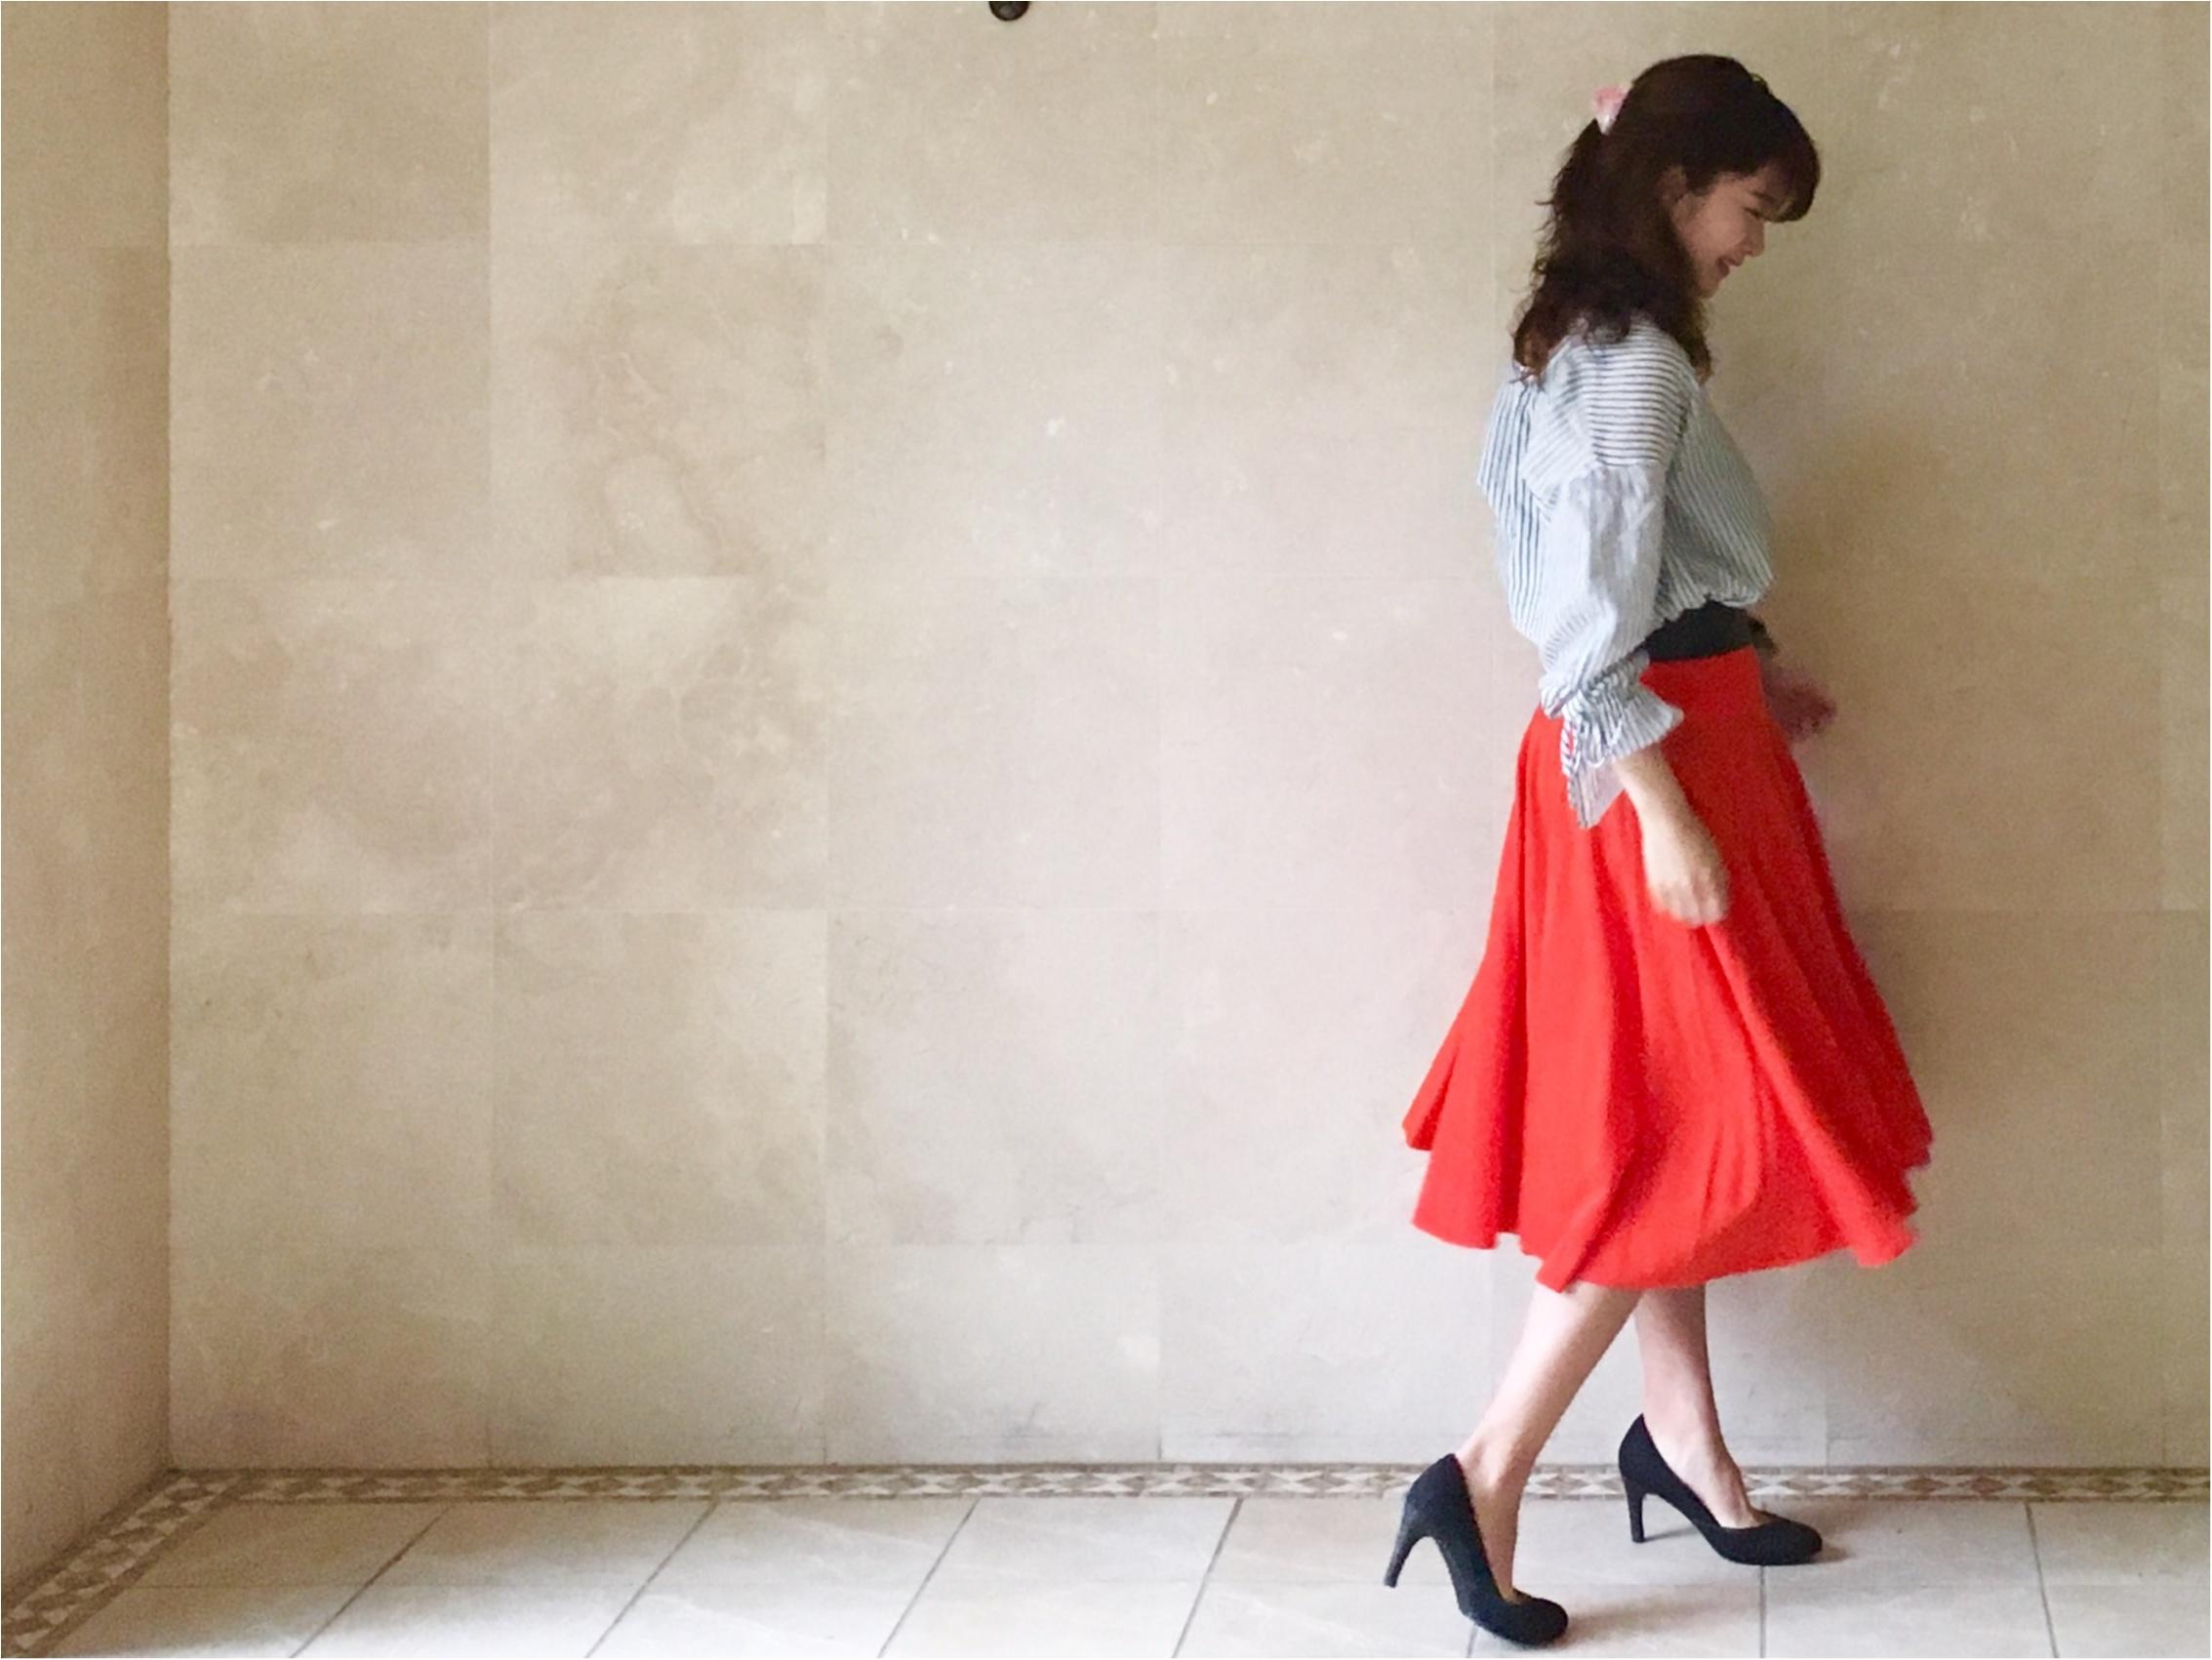 【UNIQLO】シワになりにくいからお手入れ楽チン❤️《美シルエットの優秀スカート》3選!_3